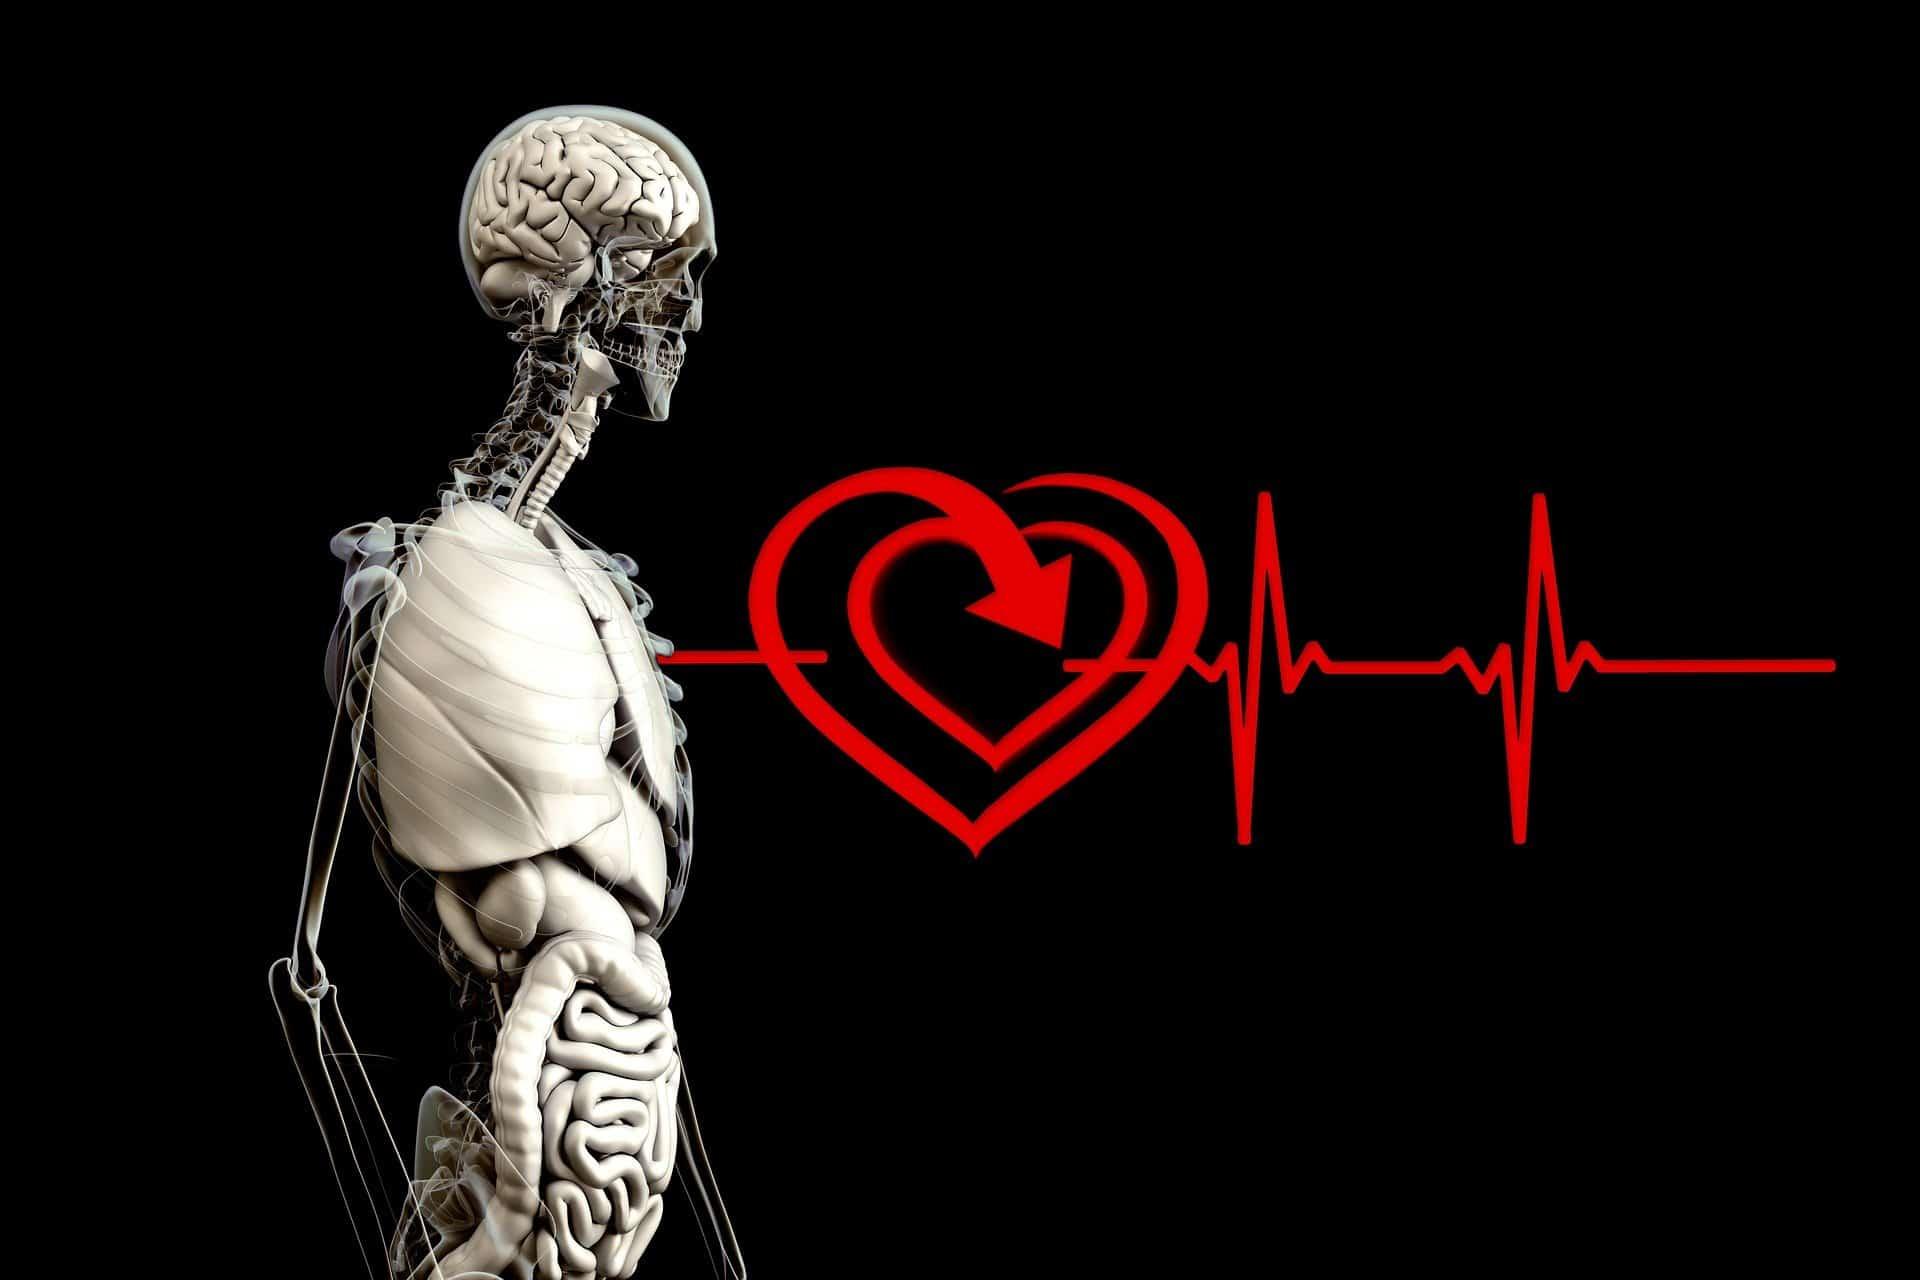 Comprar un concentrador de oxígeno en Terapiacpap mejora la calidad de vida de los pacientes, mientras reciben terapia.